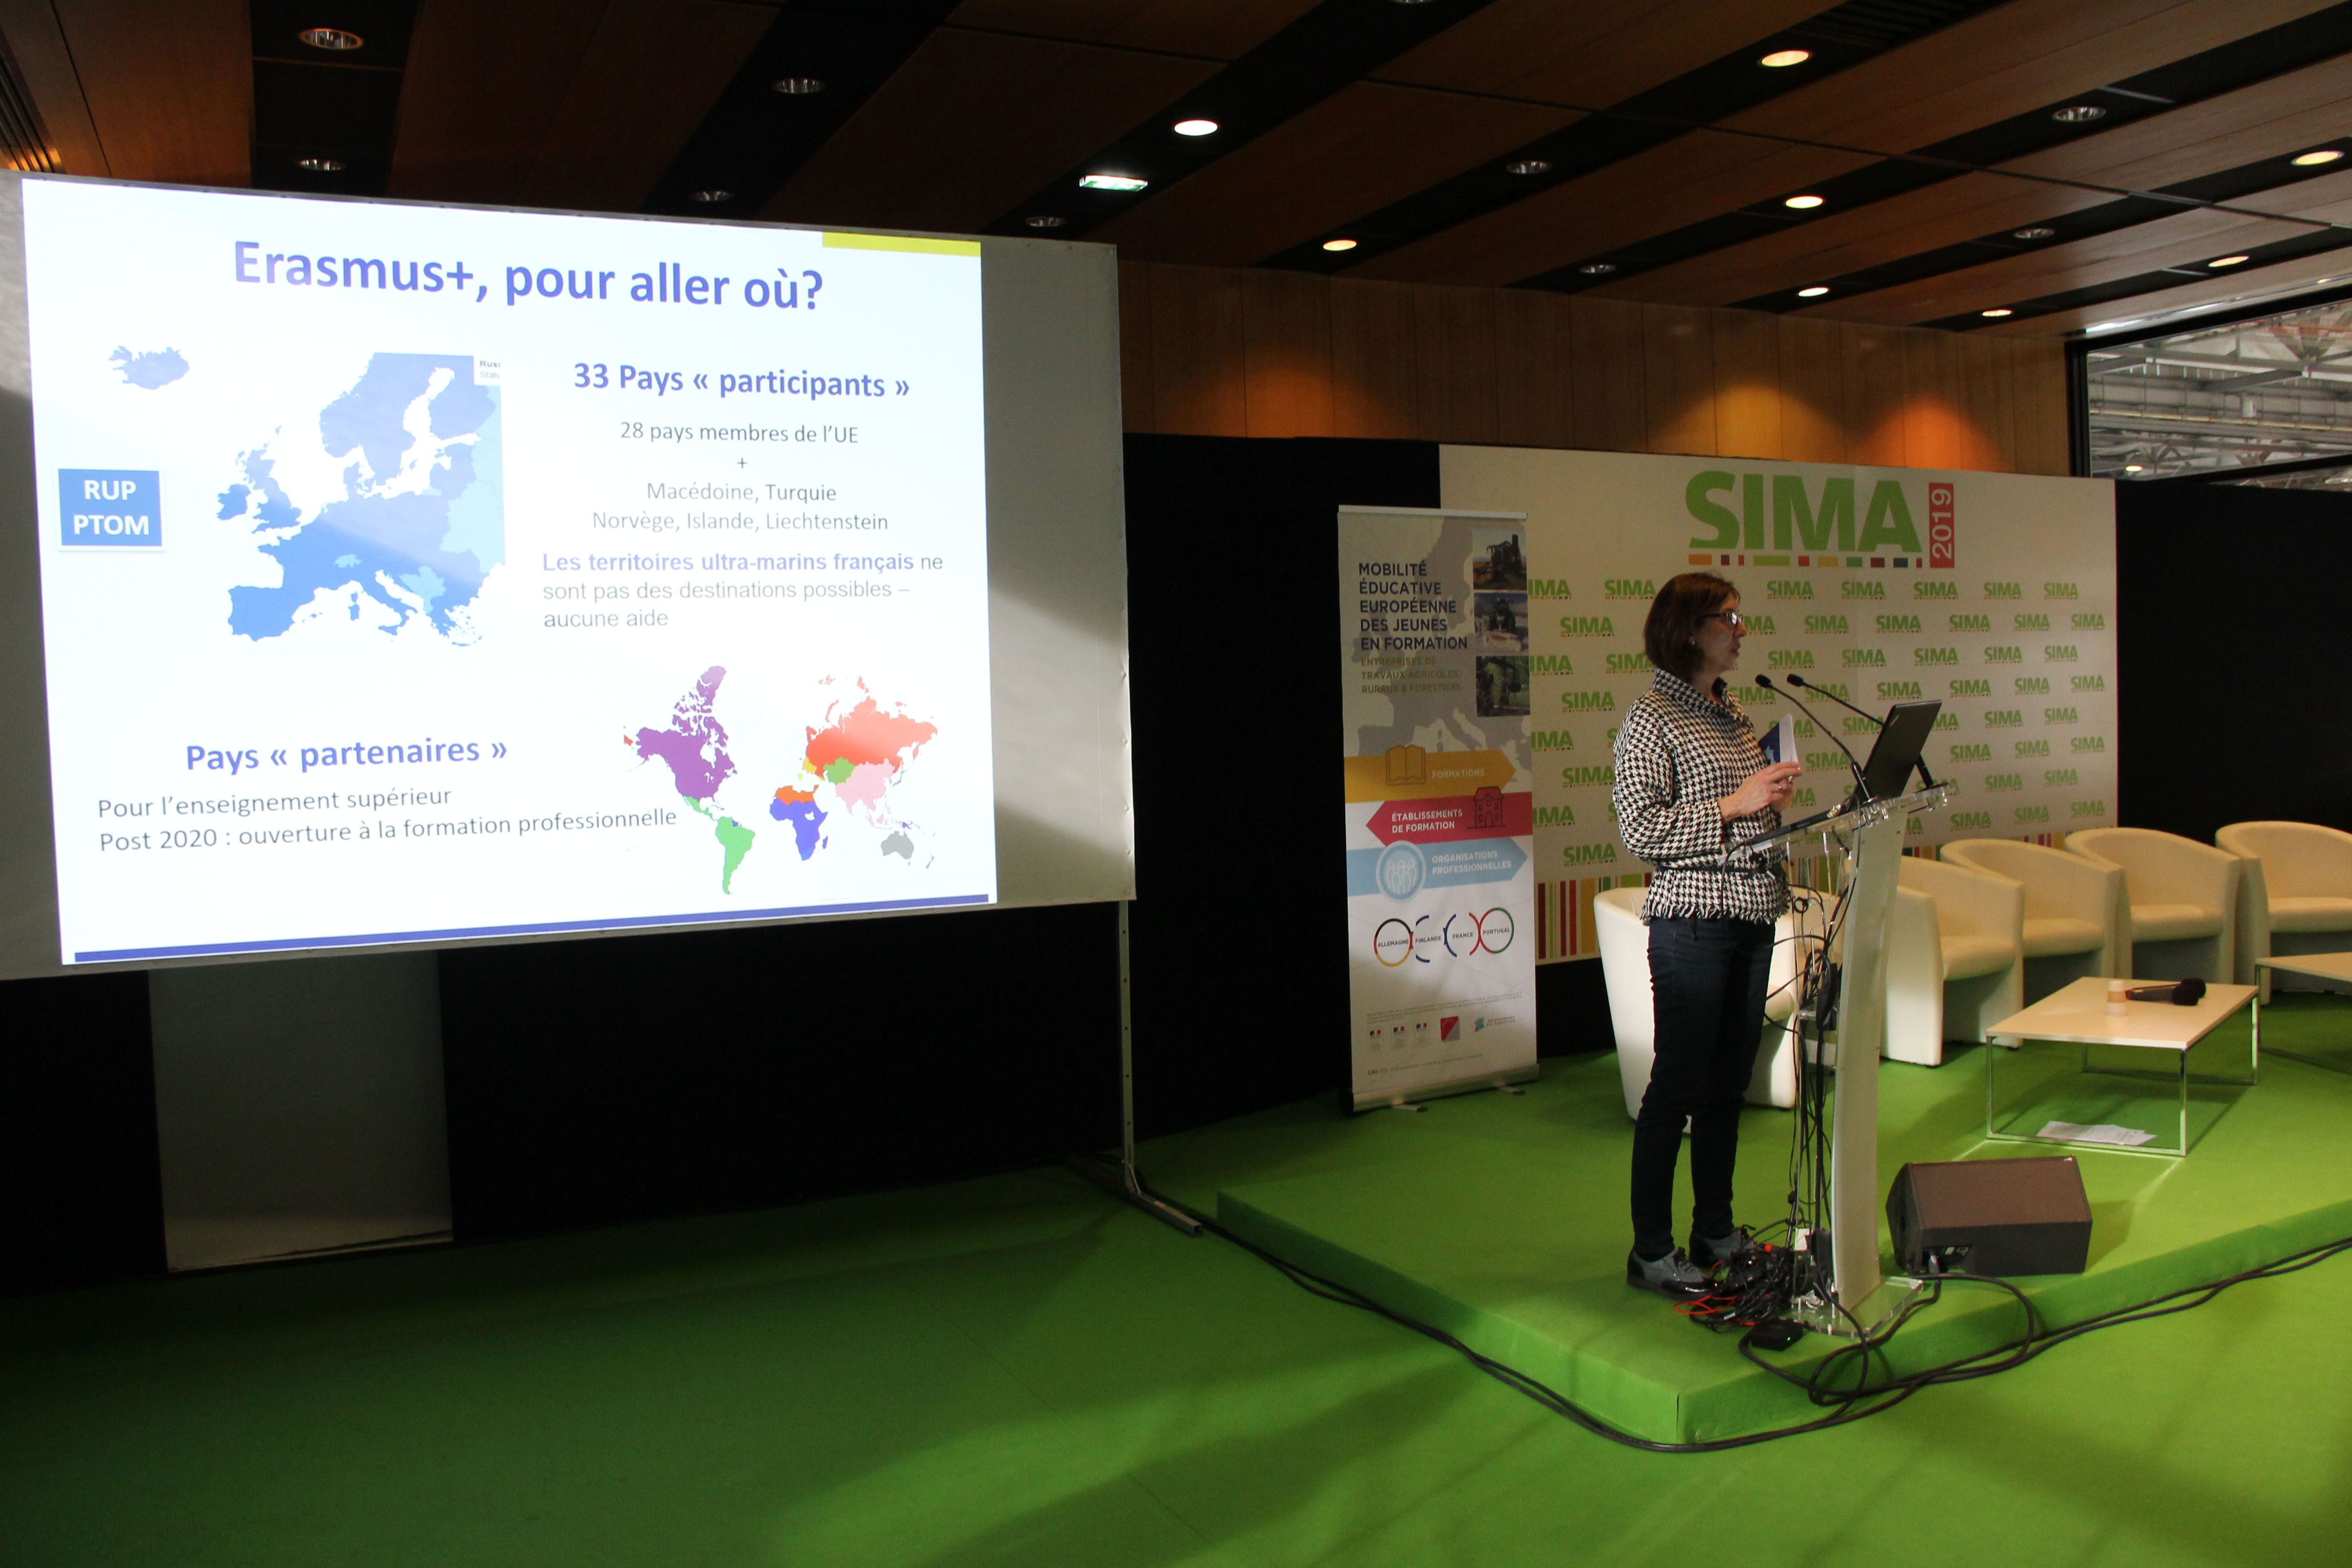 Présentation de Erasmus + par Corinne Lefay-Souloy de l'agence Erasmus + France